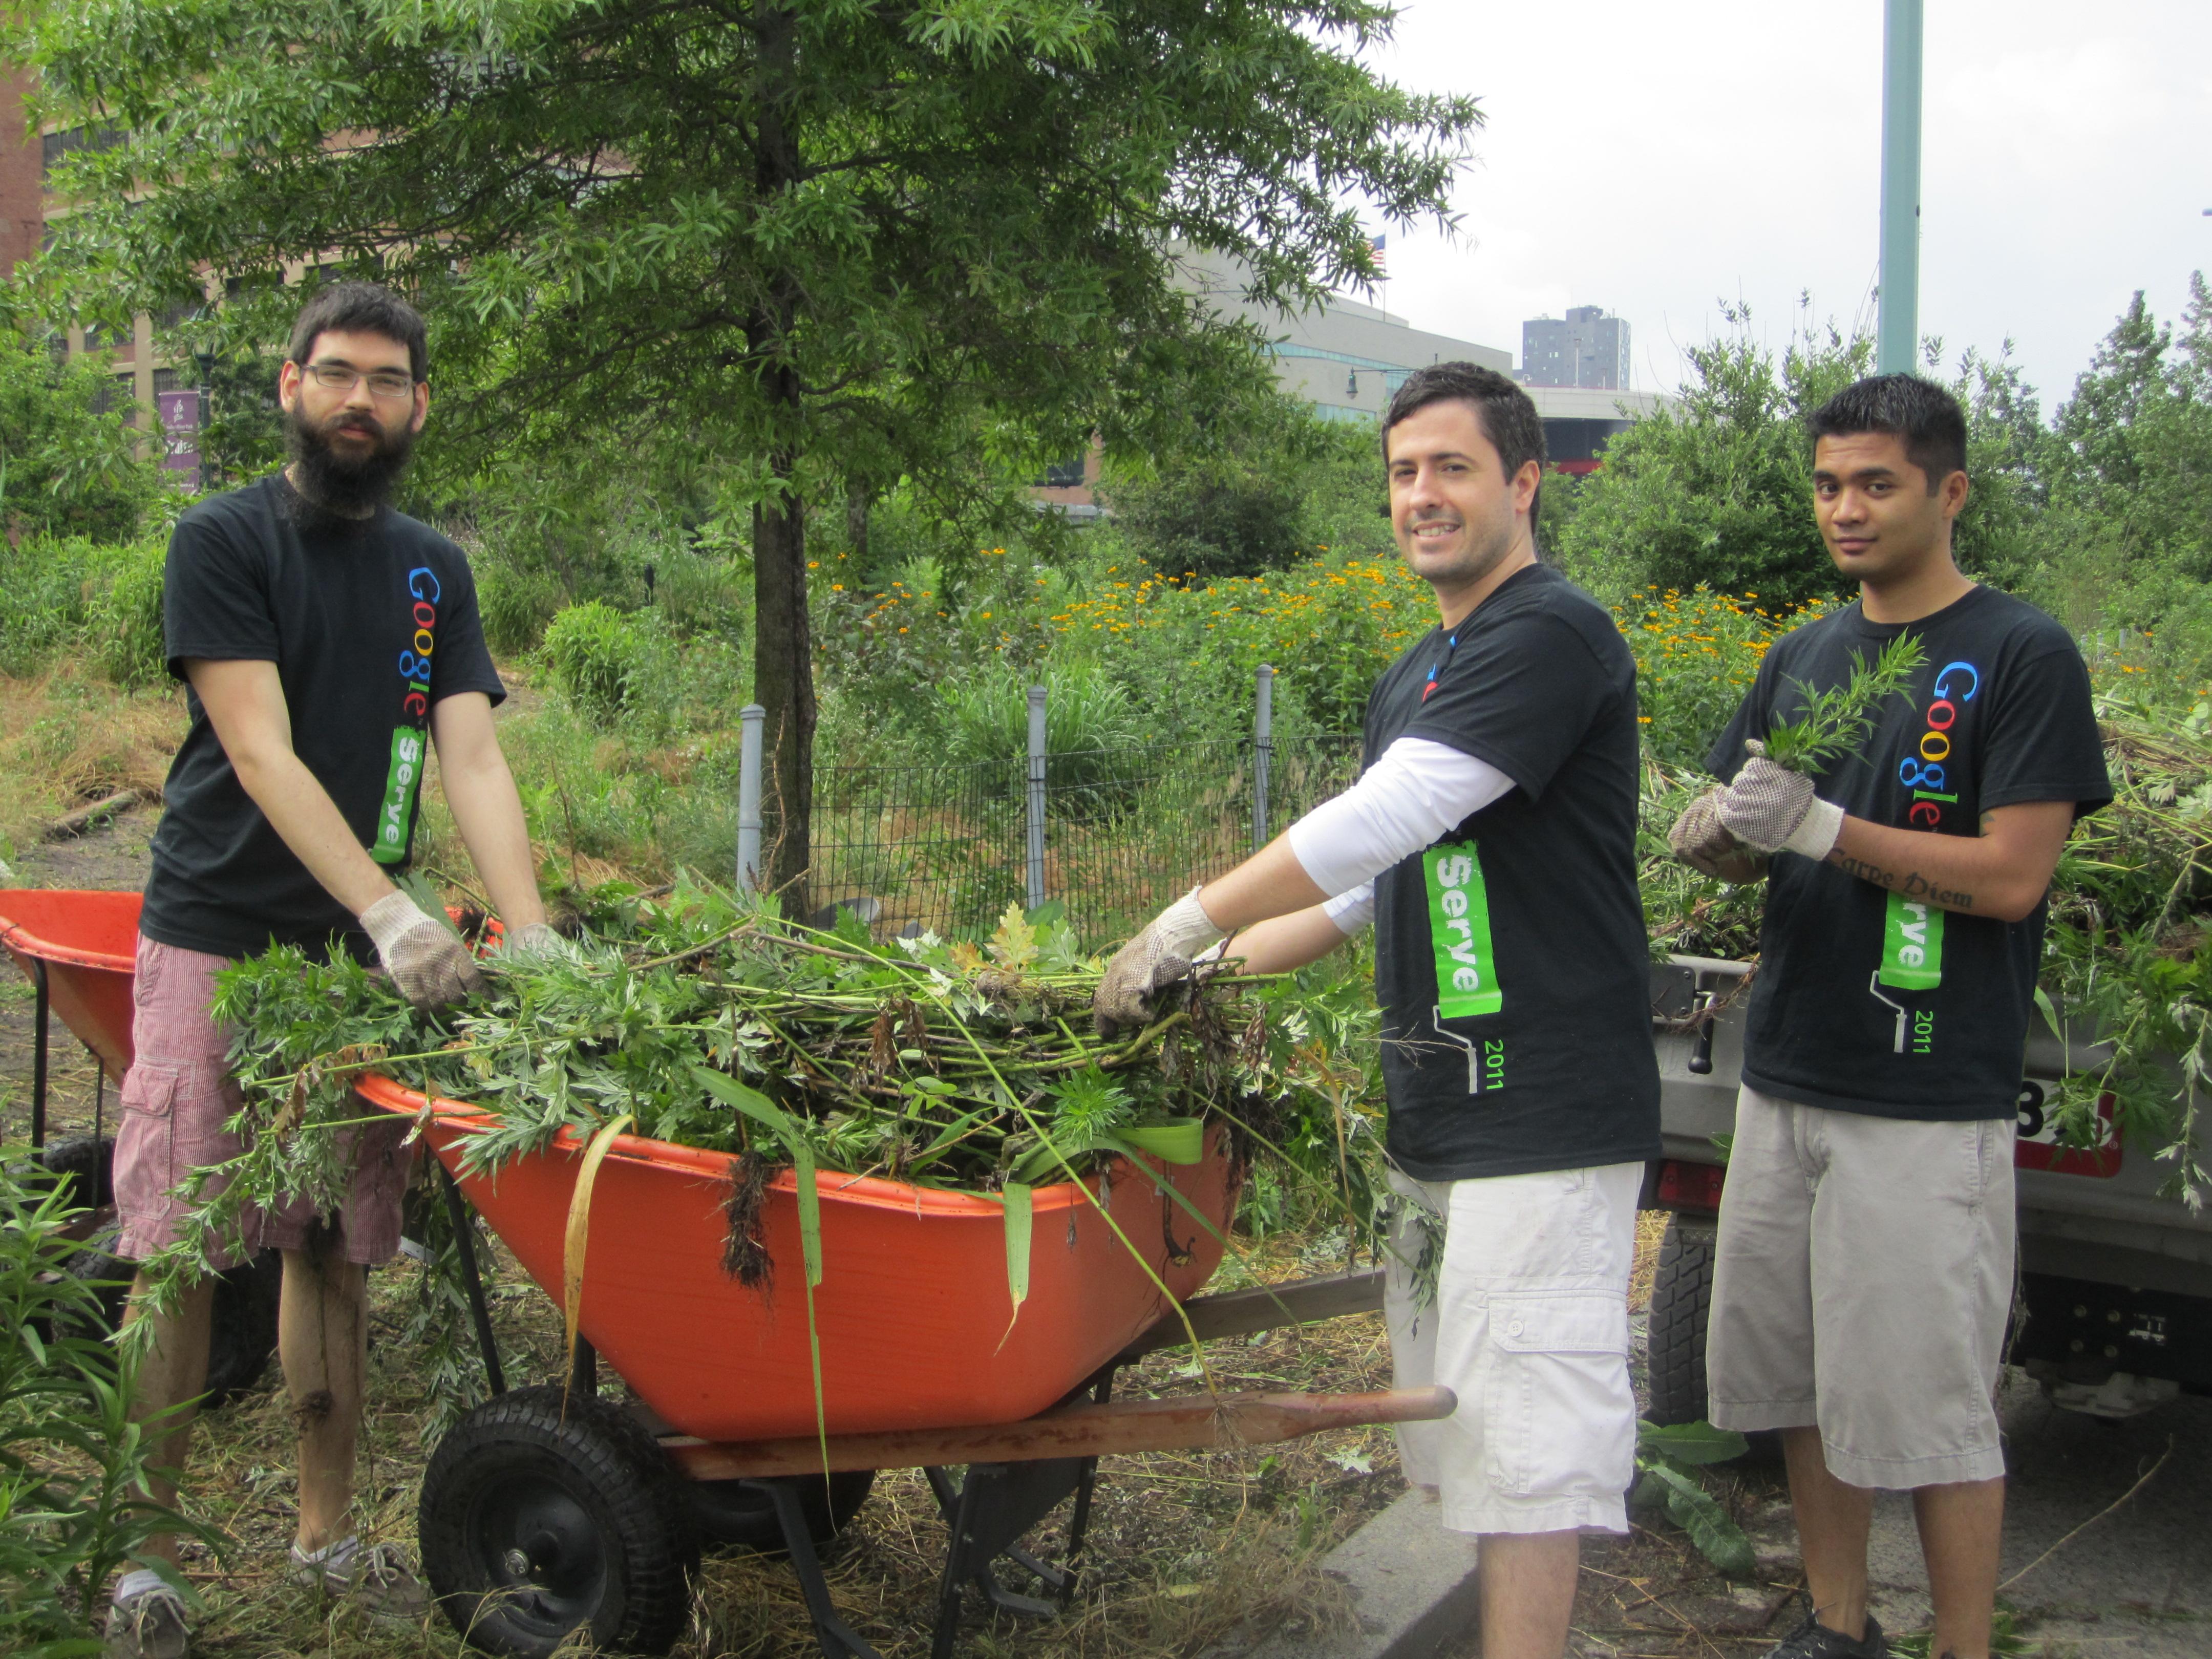 Google Serve 2011 volunteers in NYC